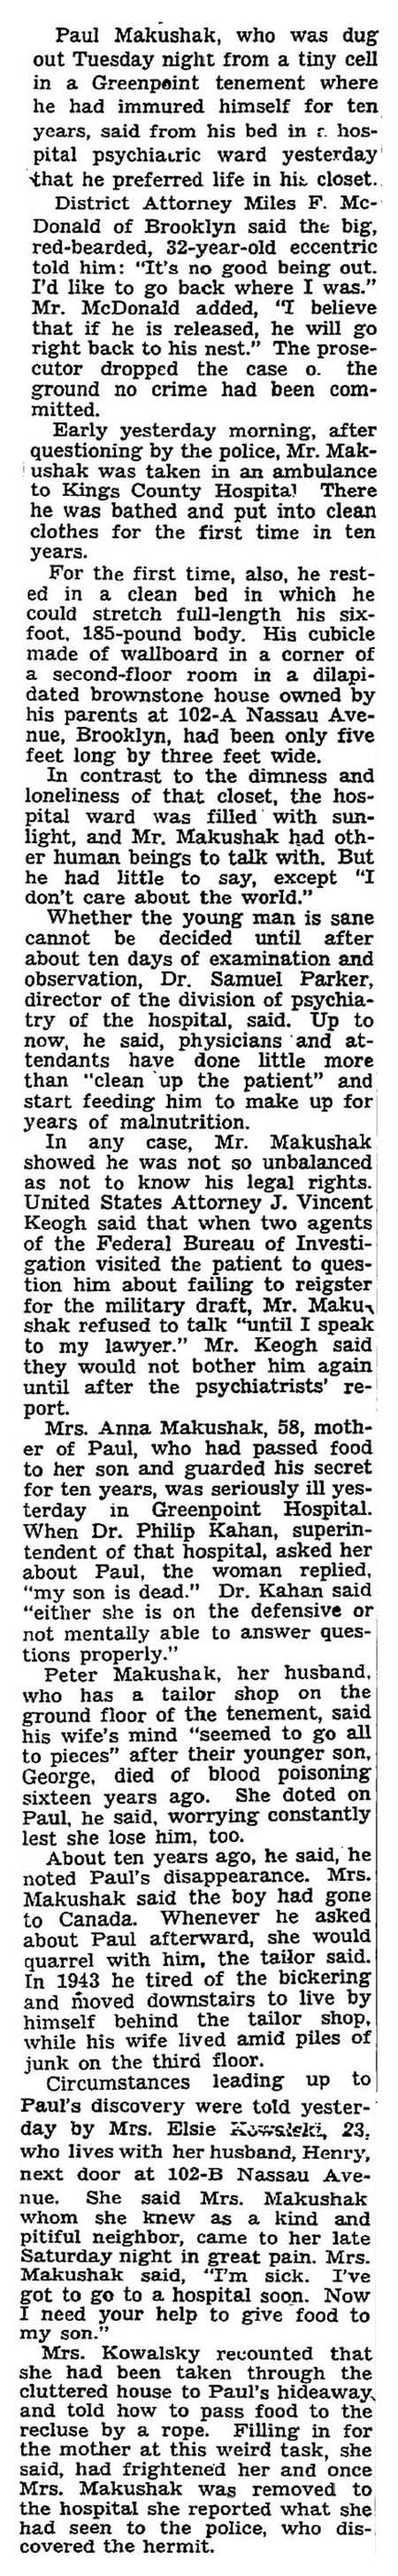 4/28/1949 NYT